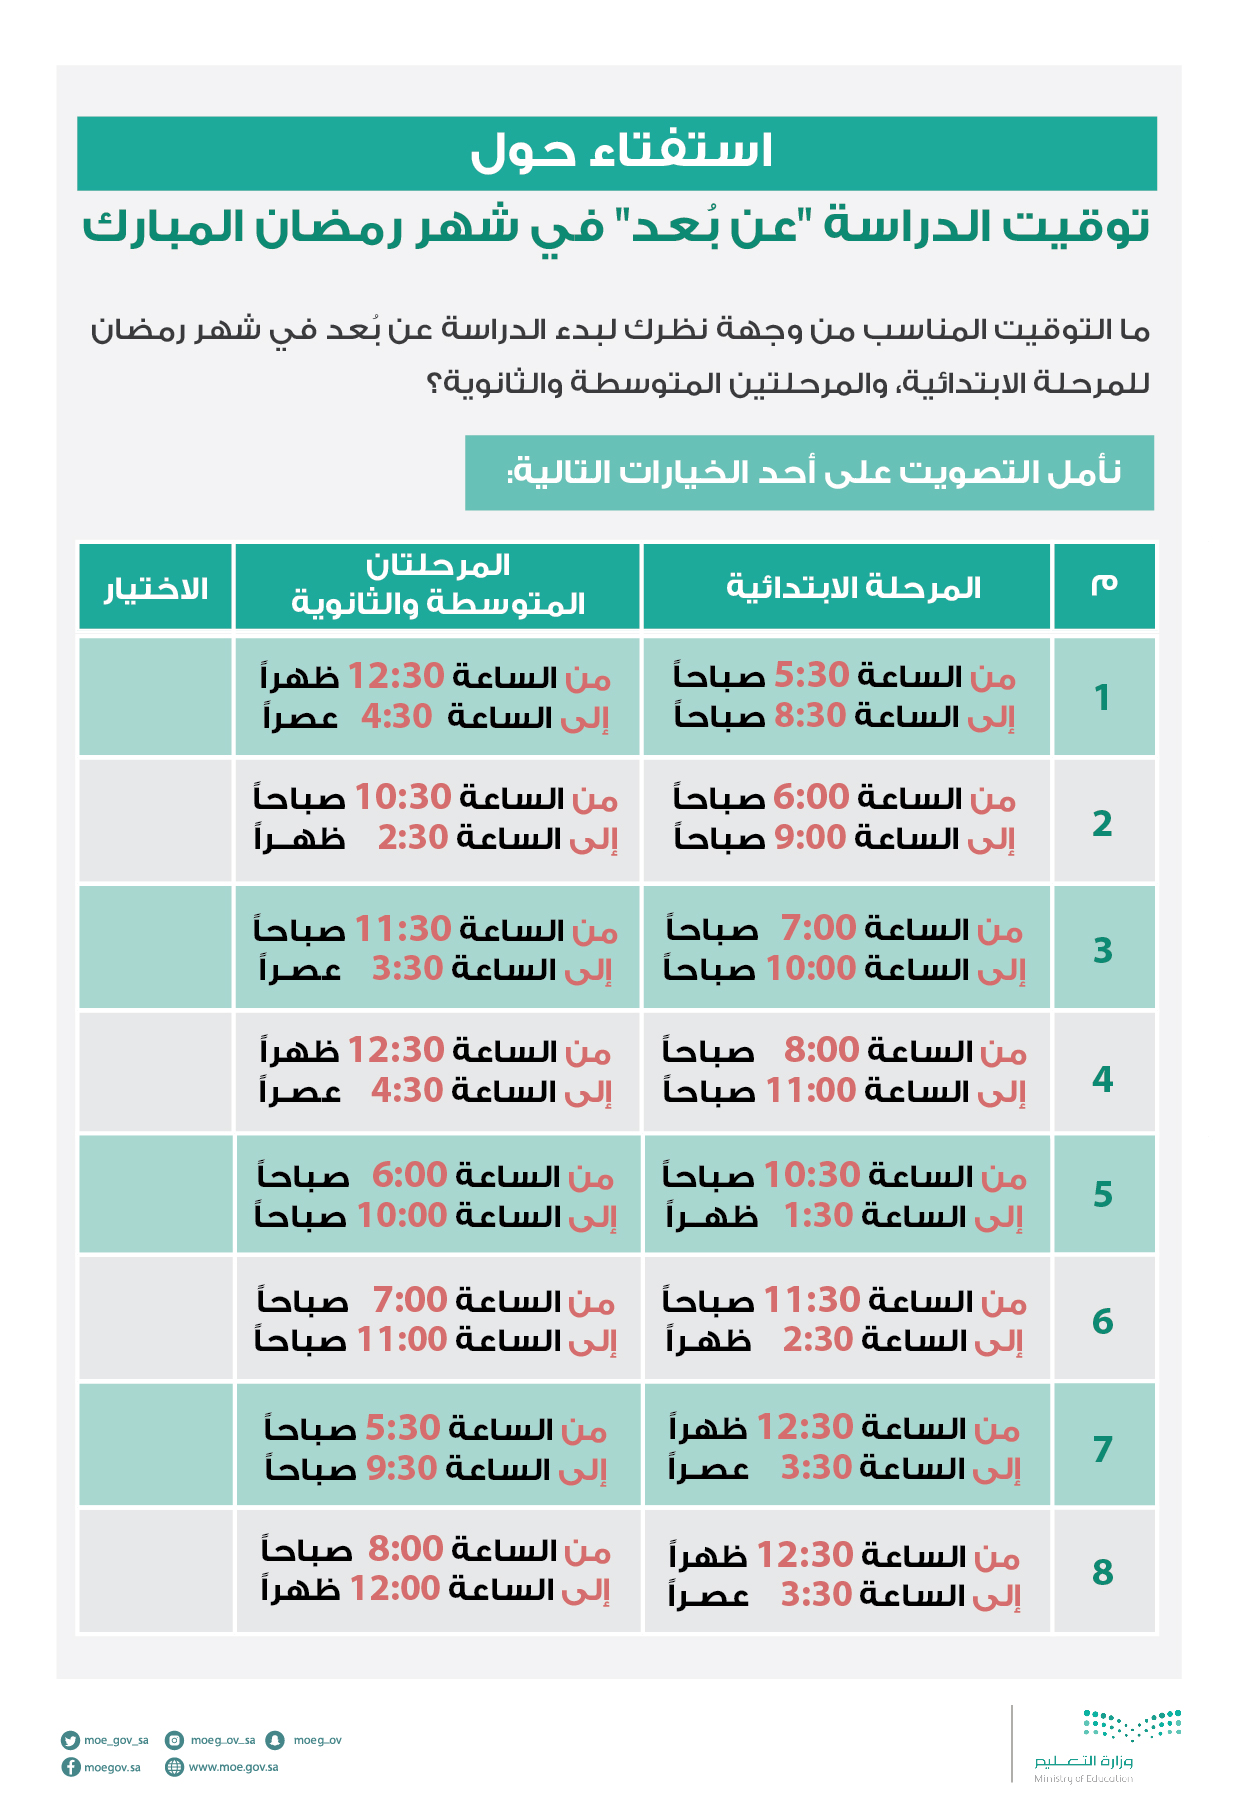 اوقات الدراسة عن بعد في رمضان